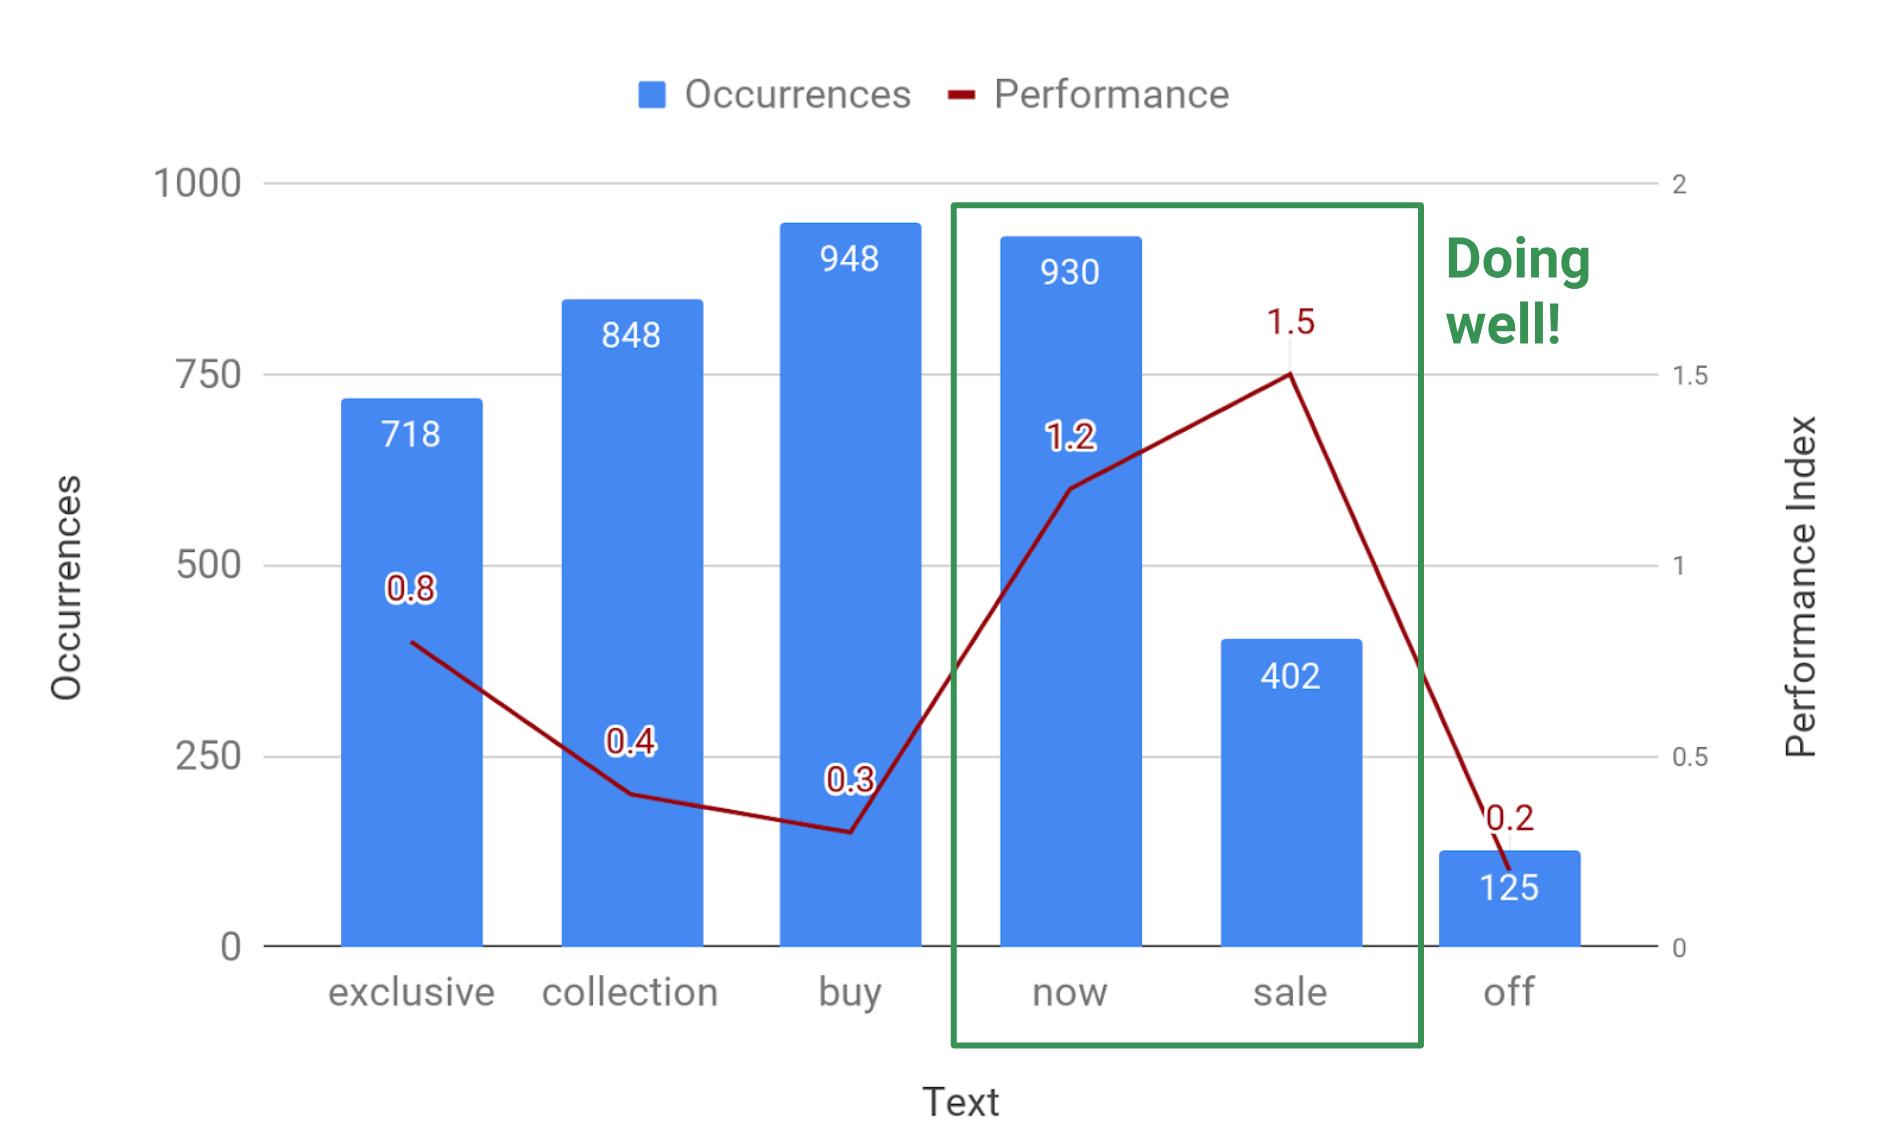 """criativos com palavras-chave """"agora"""" e """"liquidação"""" tendem a ter um desempenho melhor em comparação a criativos com """"exclusivo"""" ou """"desconto"""""""